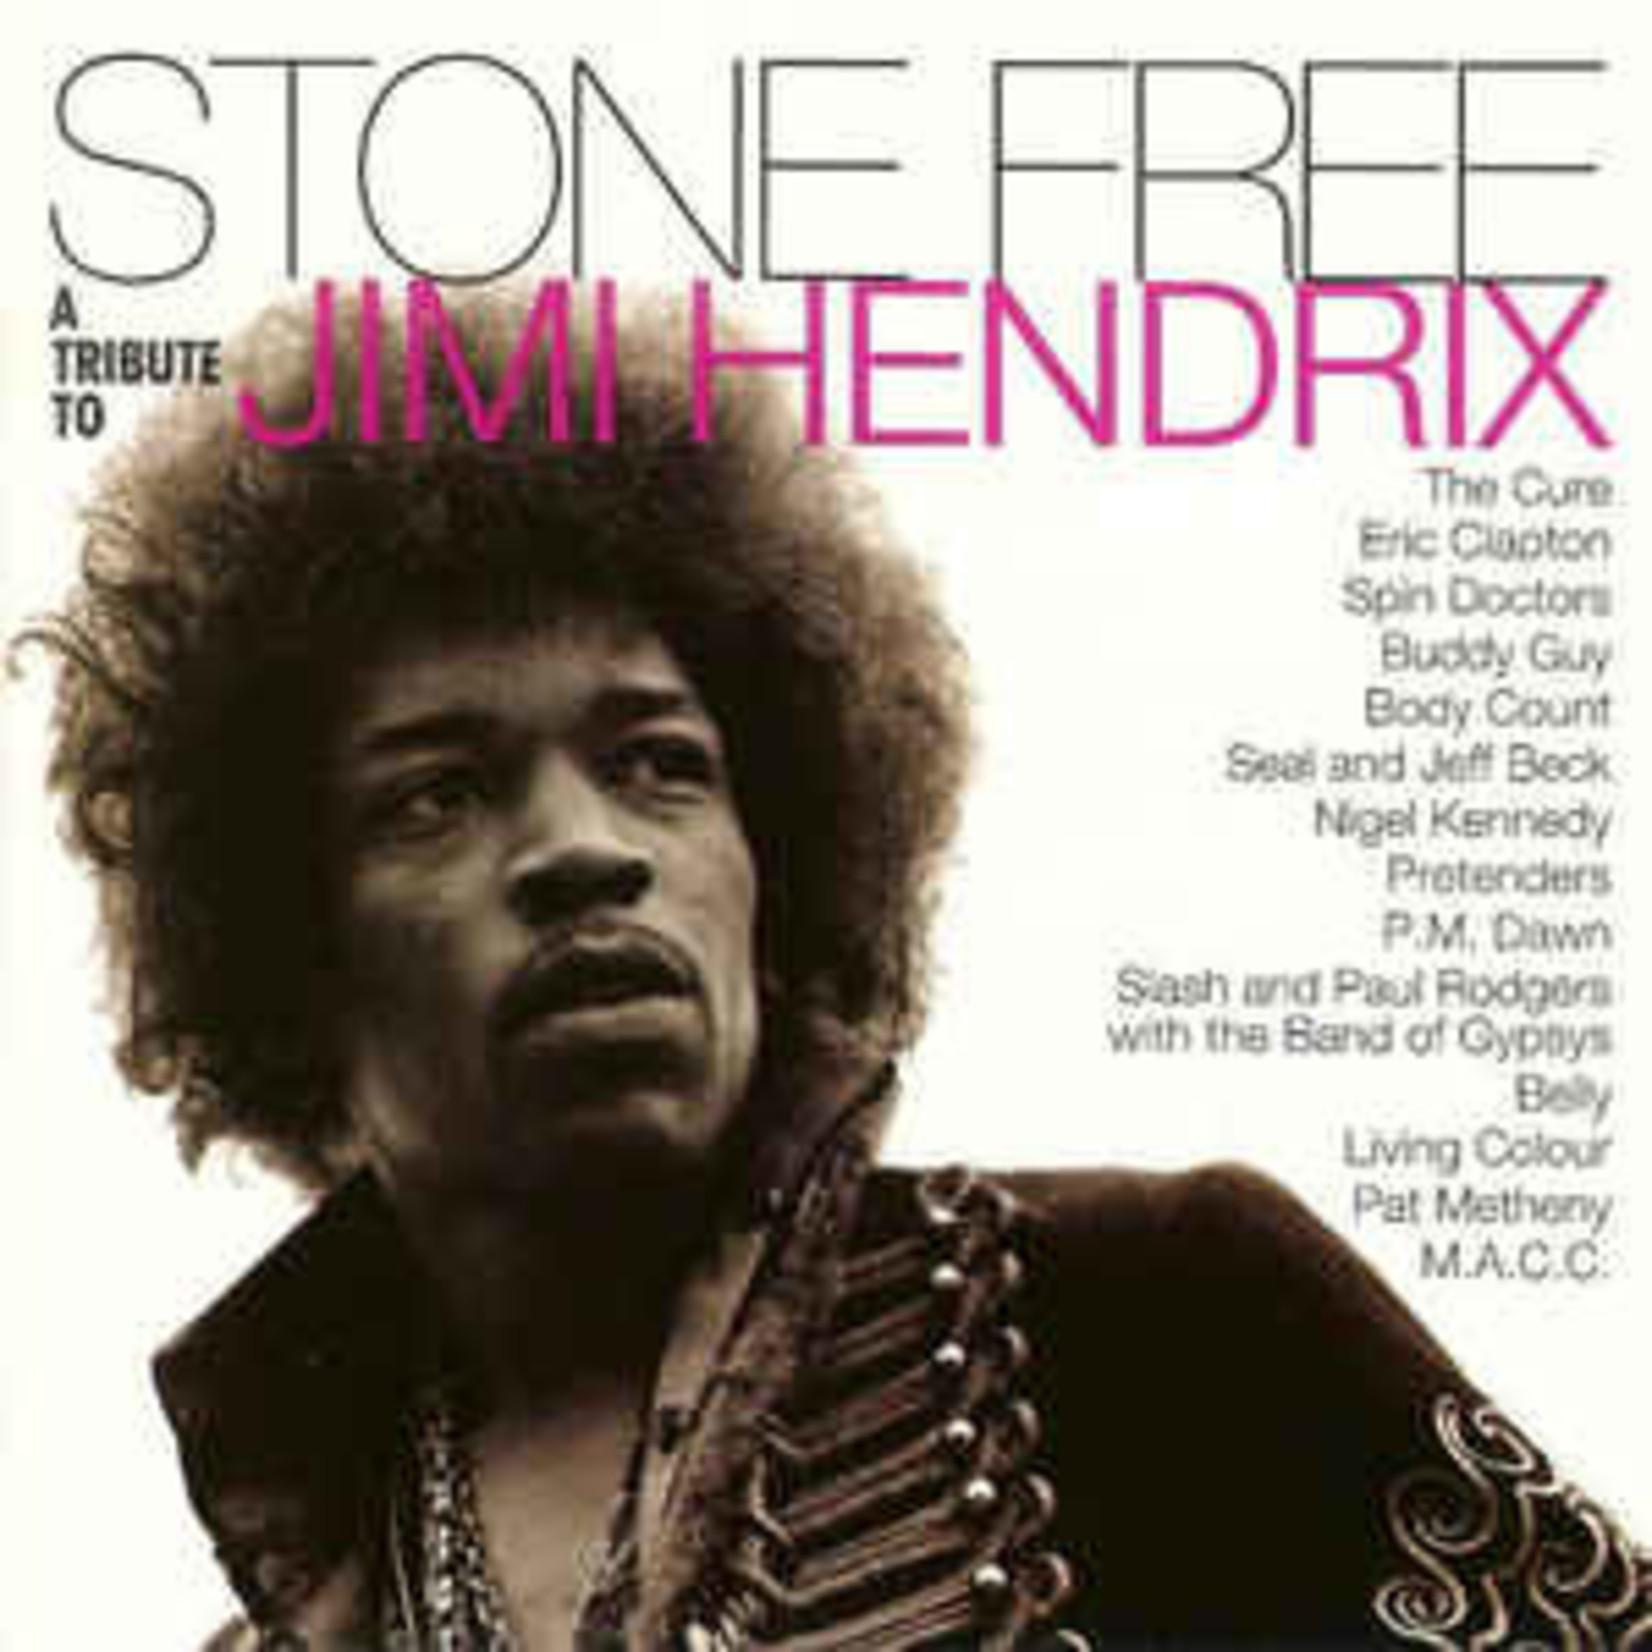 [New] Various (Jimi Hendrix): Stone Free (A Tribute To Jimi Hendrix) (2LP)